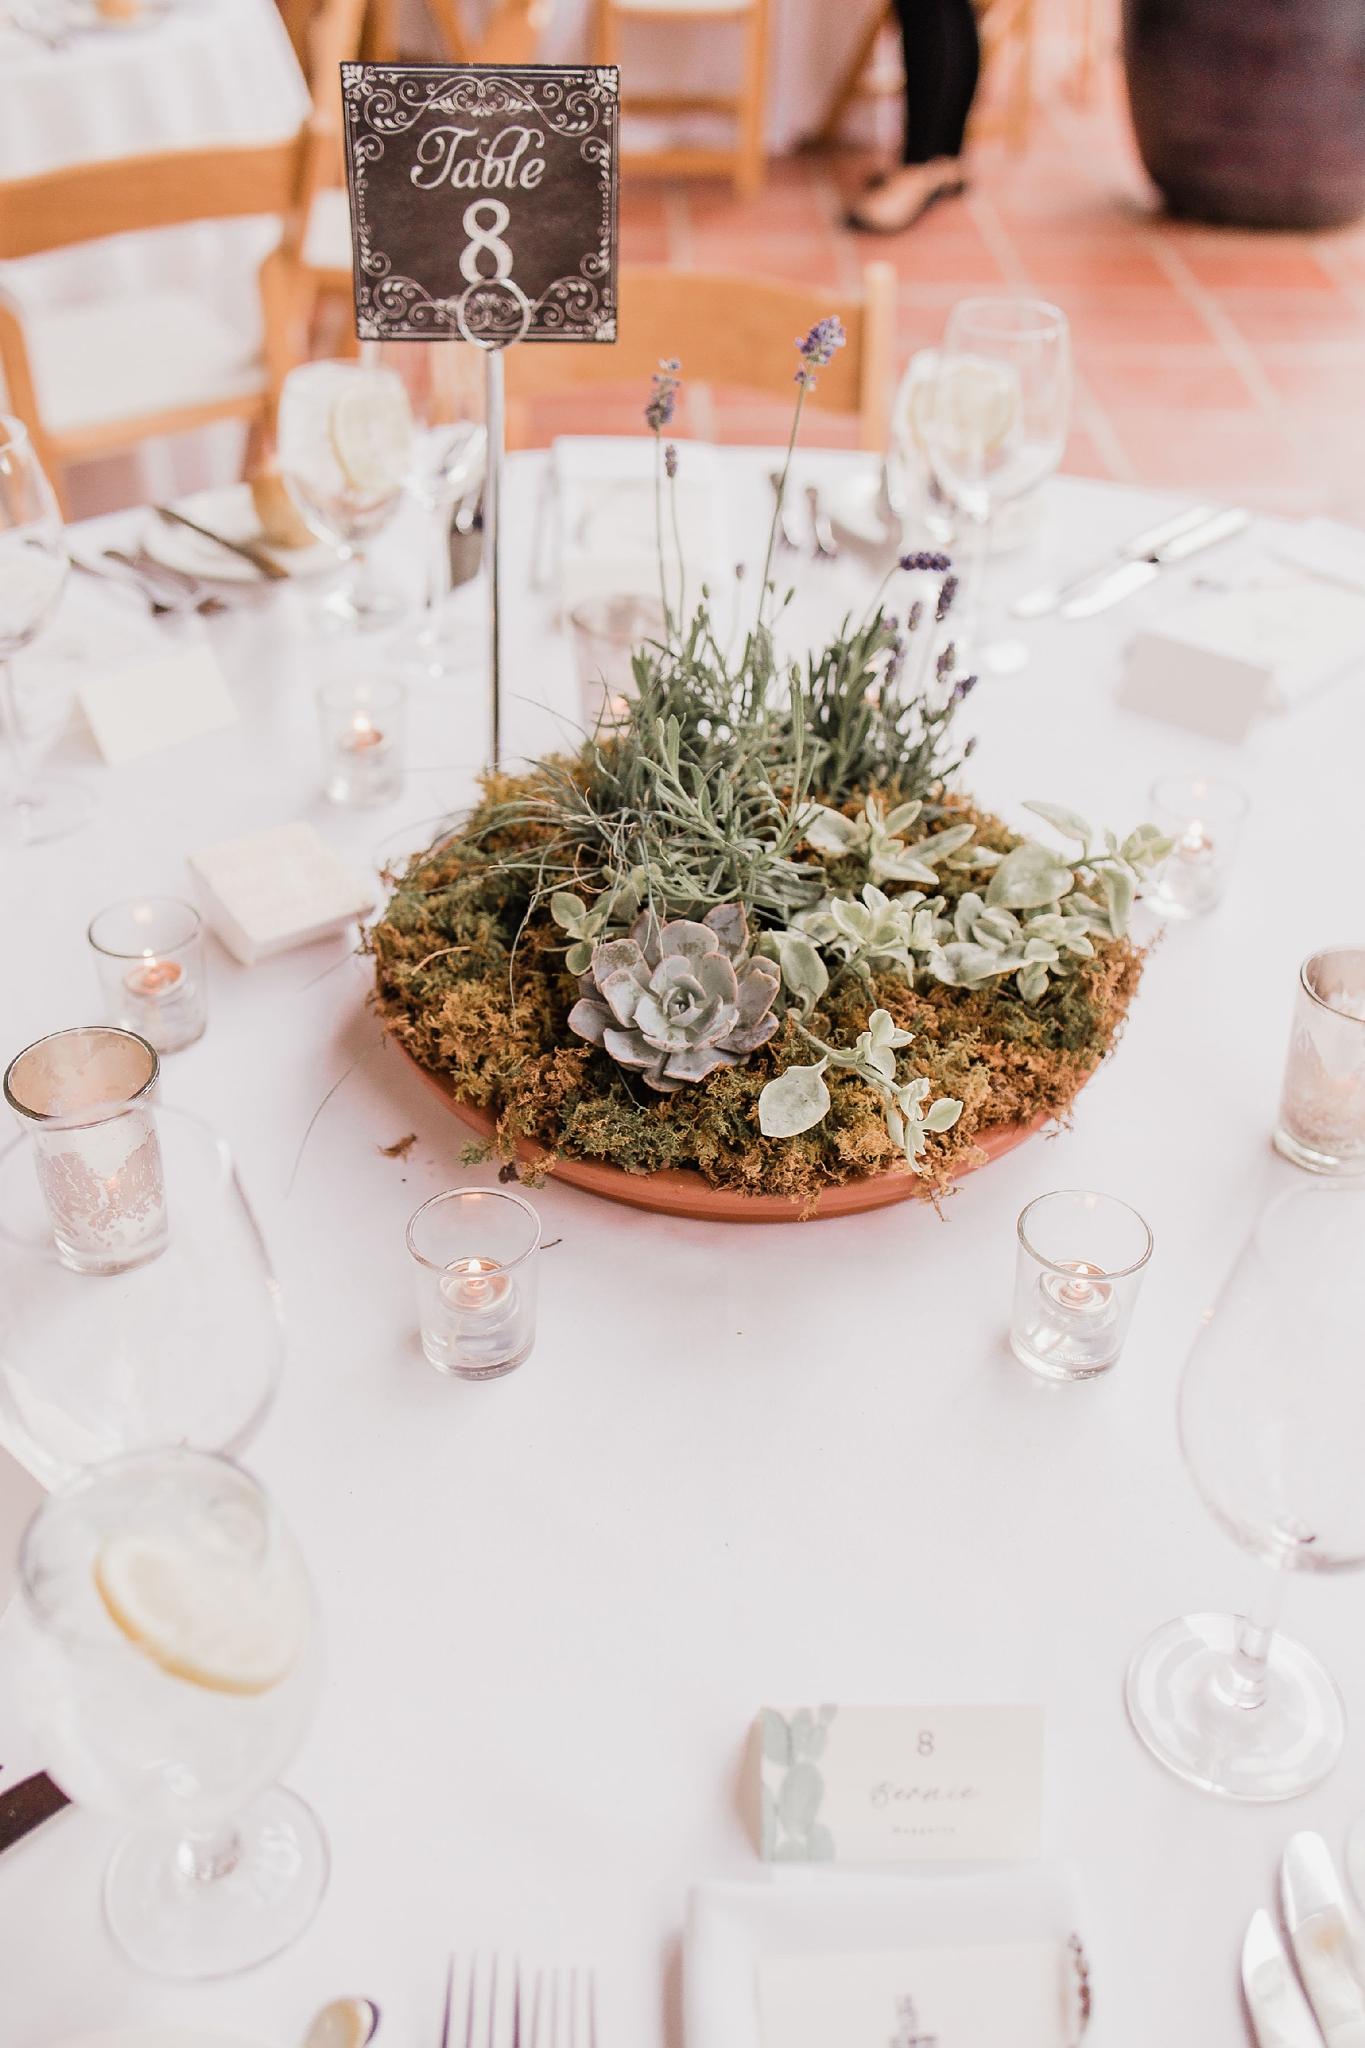 Alicia+lucia+photography+-+albuquerque+wedding+photographer+-+santa+fe+wedding+photography+-+new+mexico+wedding+photographer+-+new+mexico+wedding+-+new+mexico+wedding+-+wedding+florals+-+desert+wedding+-+wedding+trends_0012.jpg